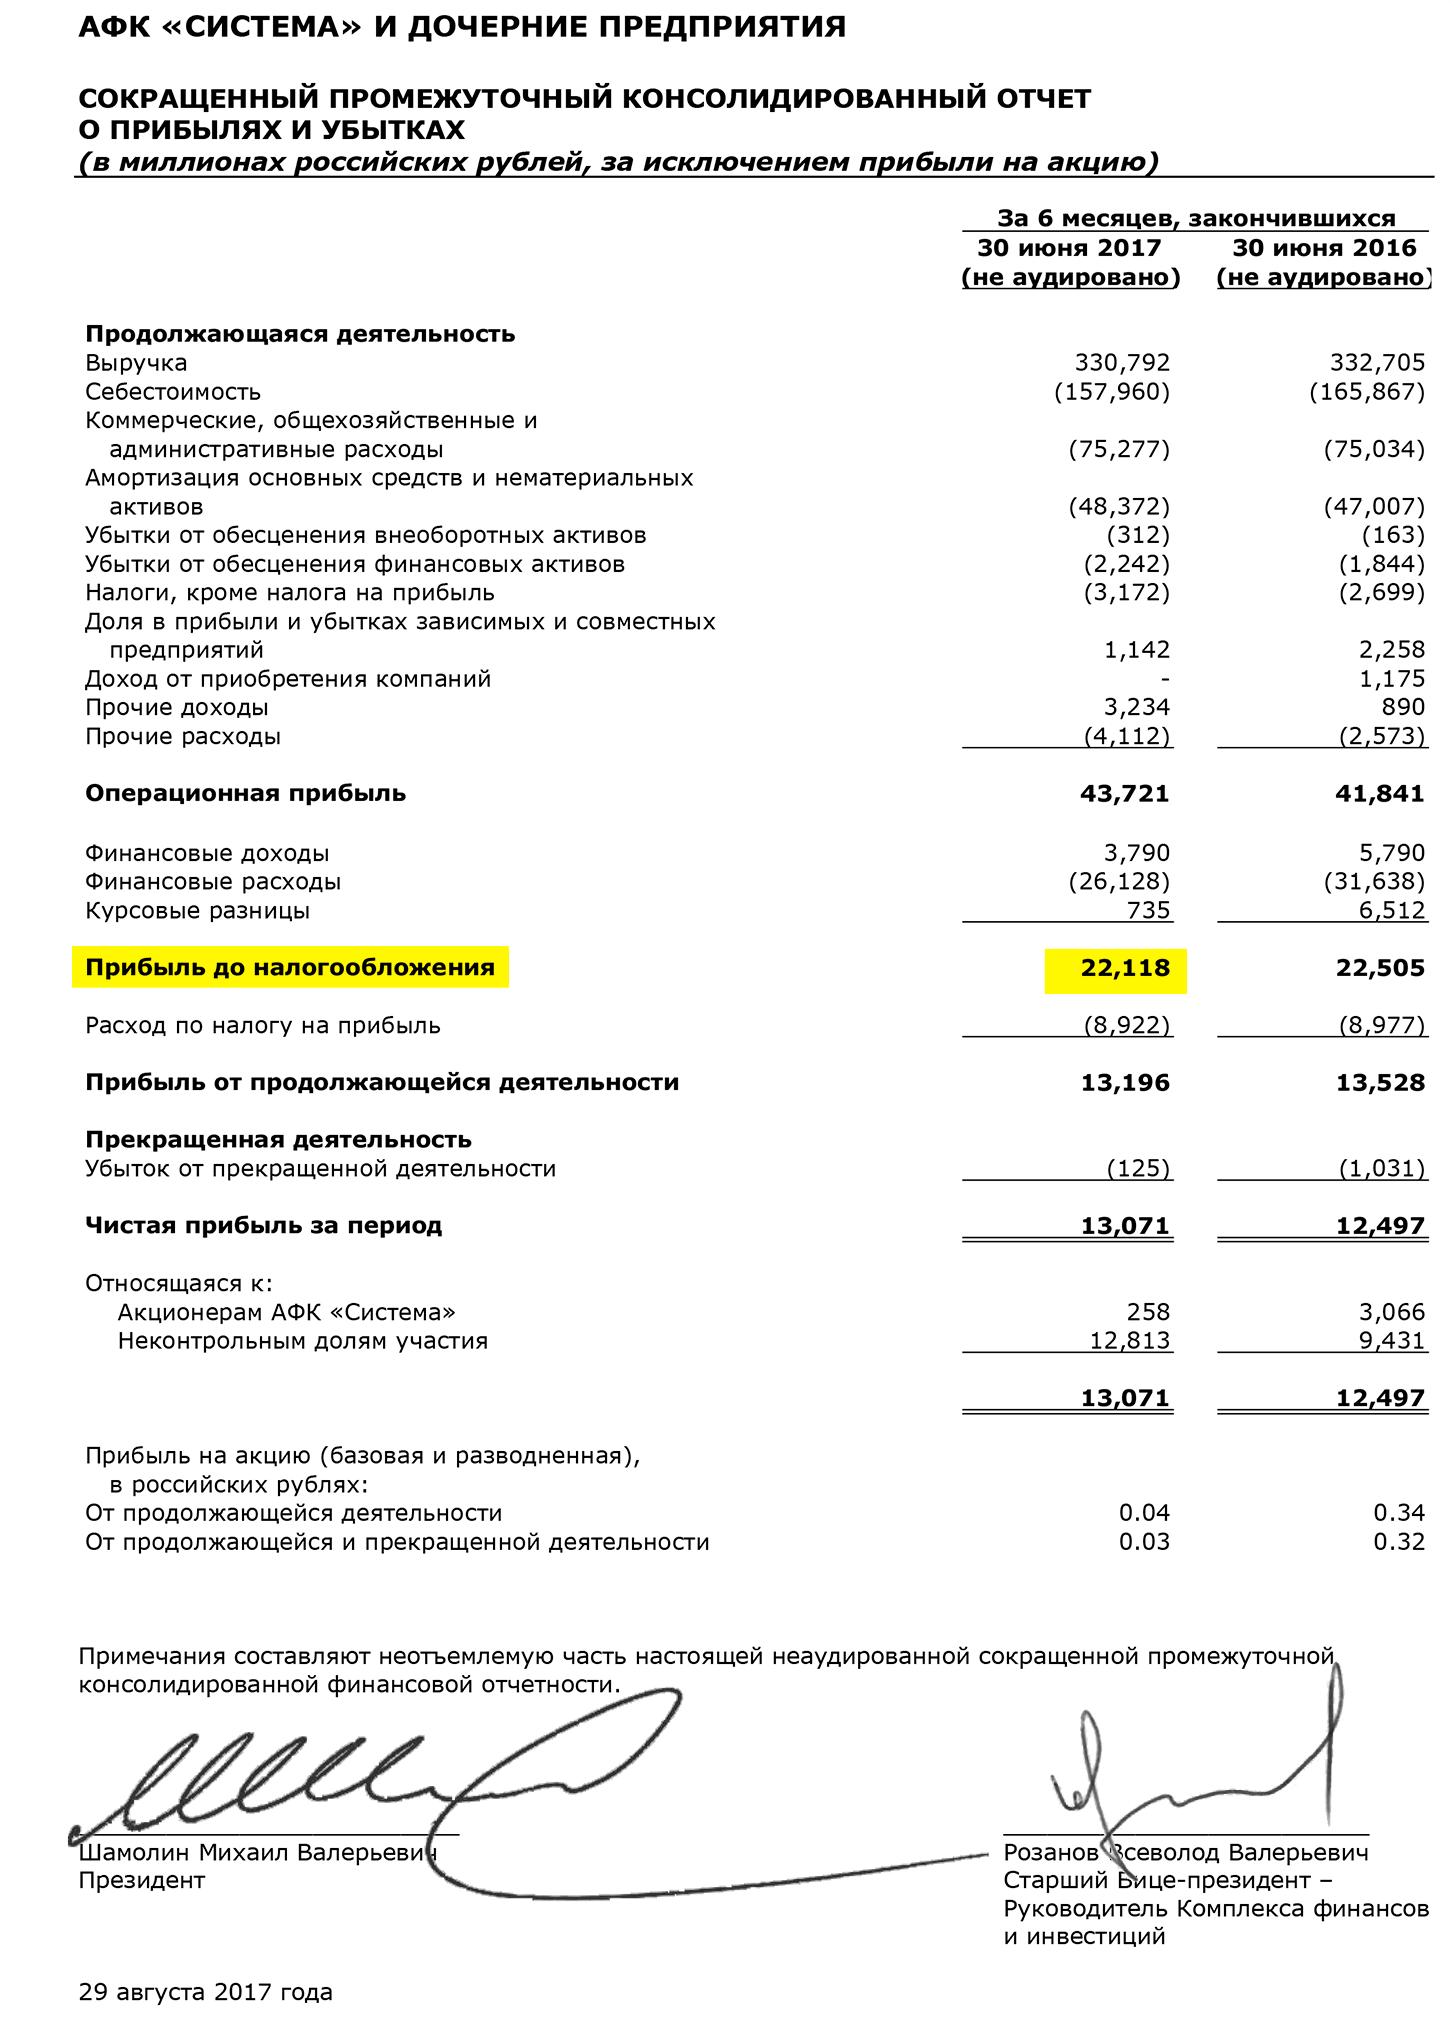 Страница 4 отчета АФК «Система» по МСФО